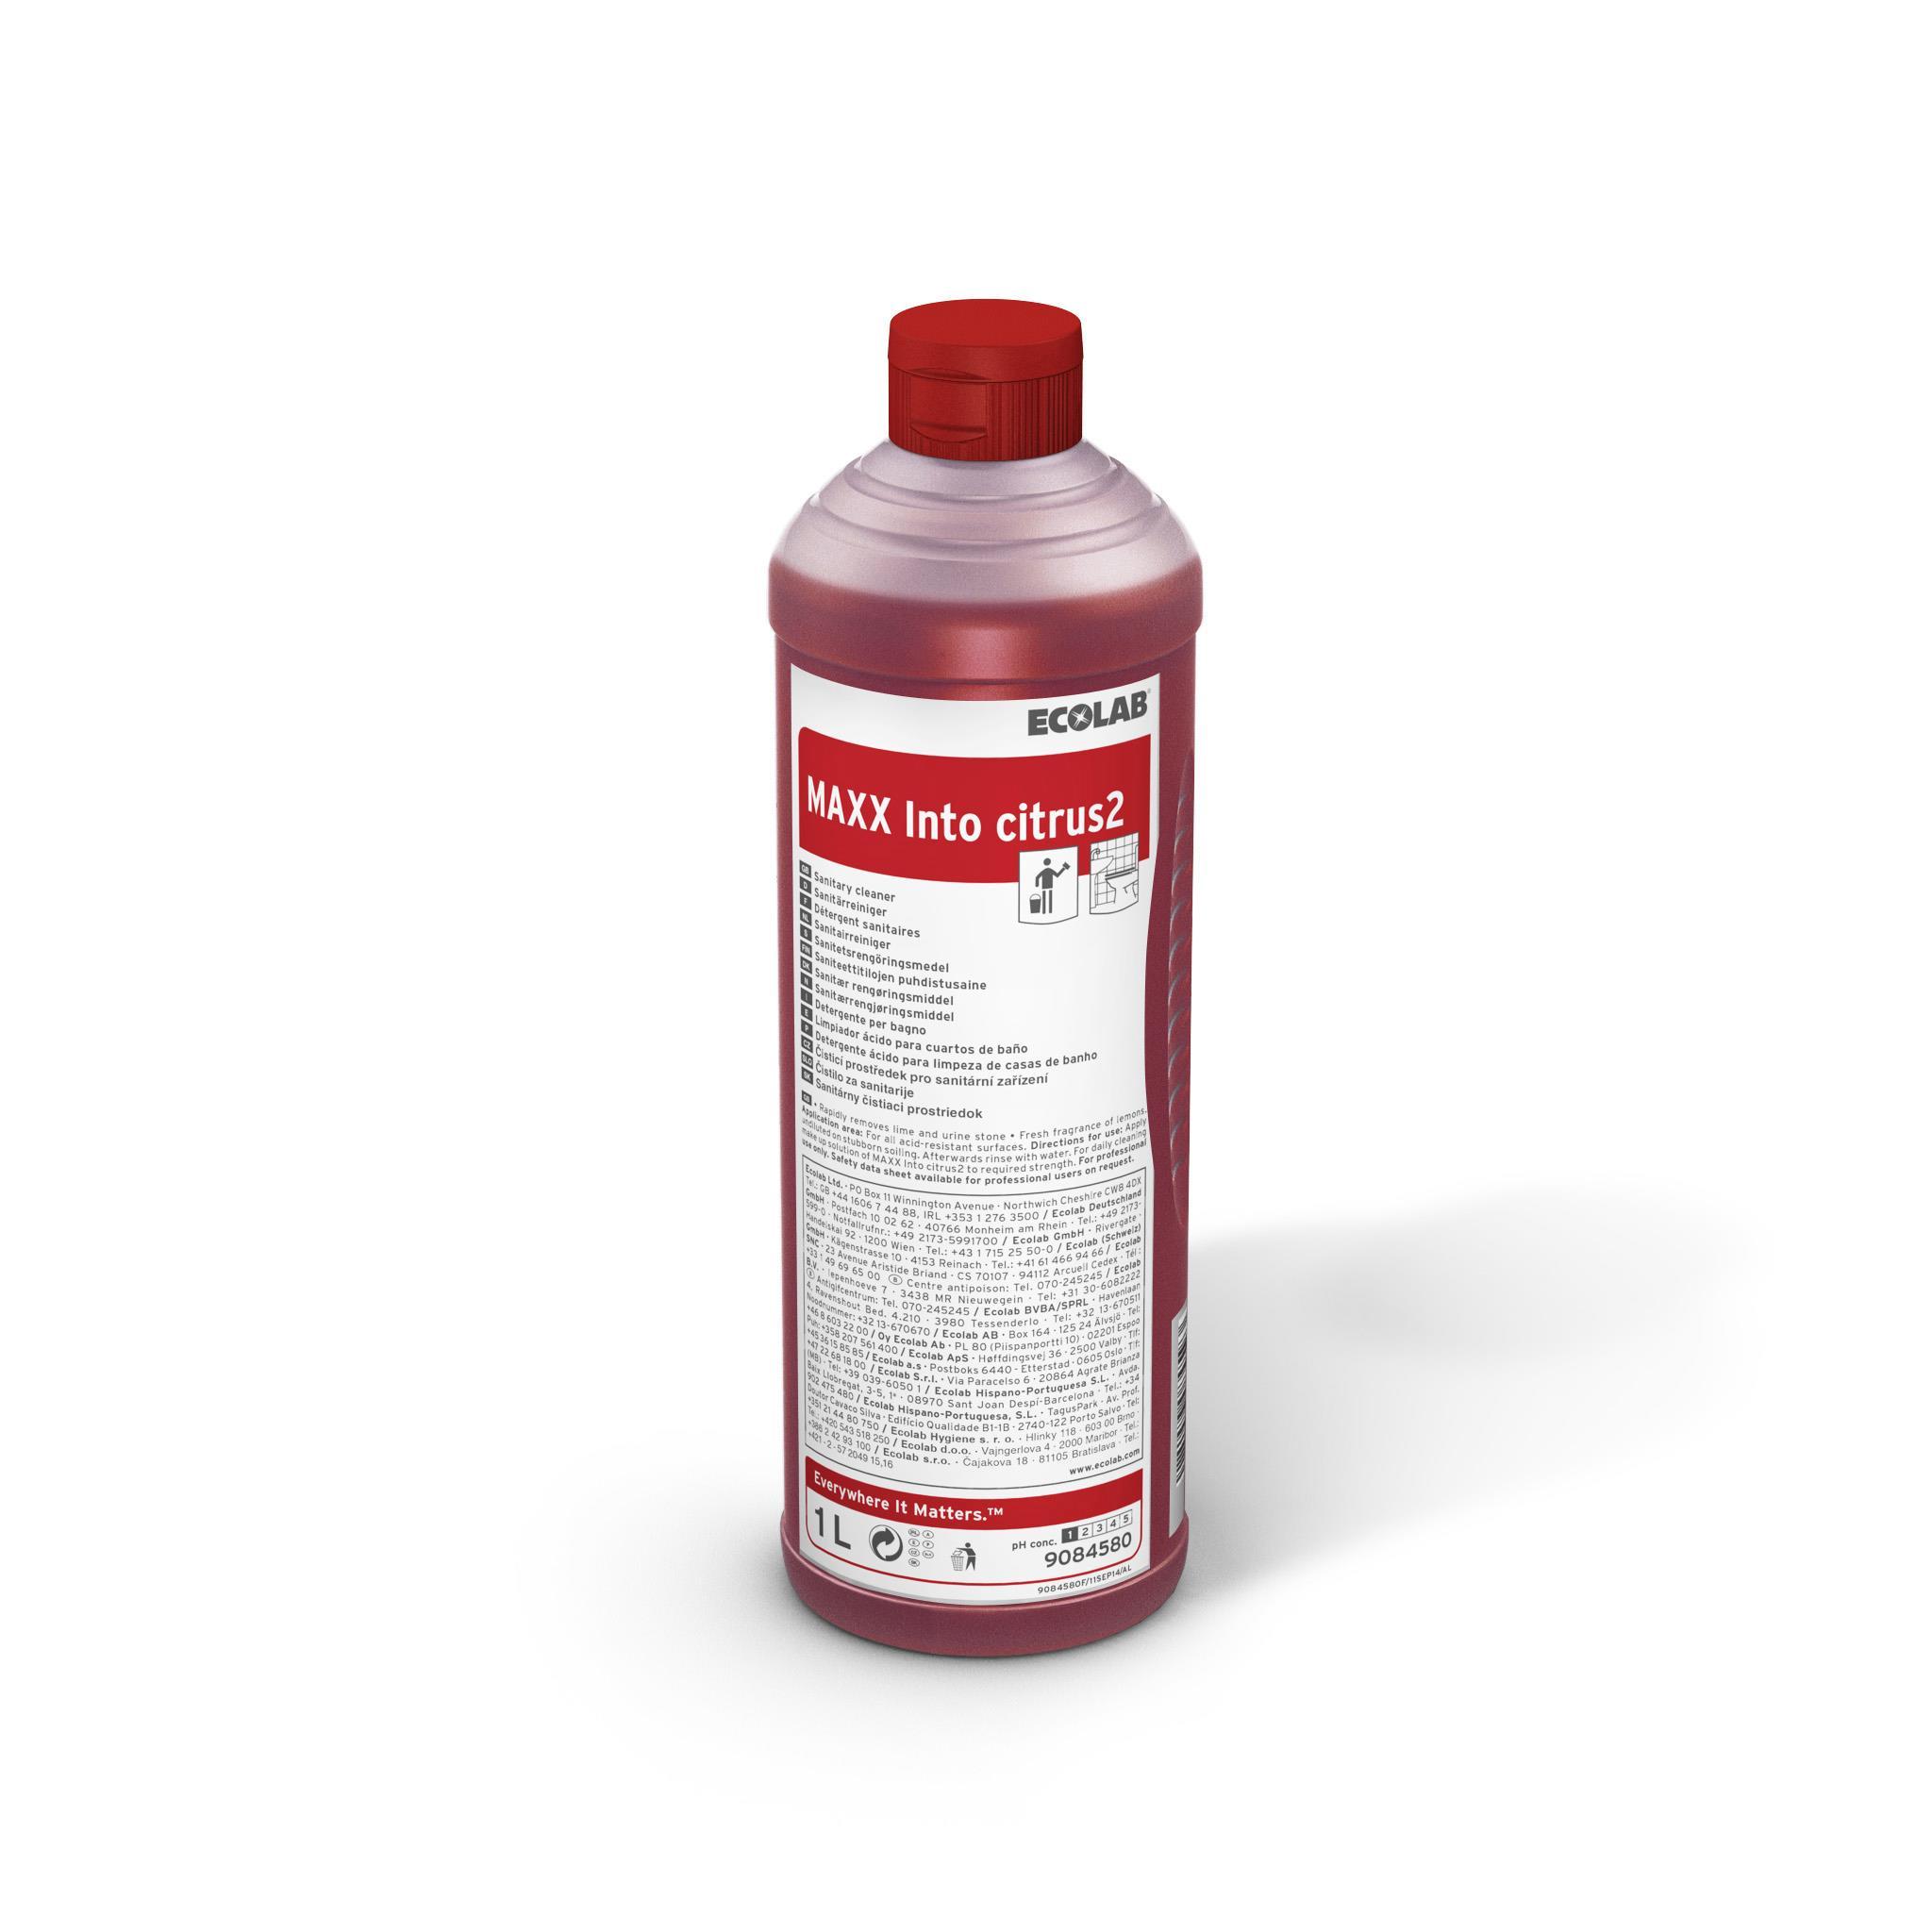 Detergent Sanitar Cu Parfum De Citrice Maxx2 Into Citrus 1l Ecolab sanito.ro